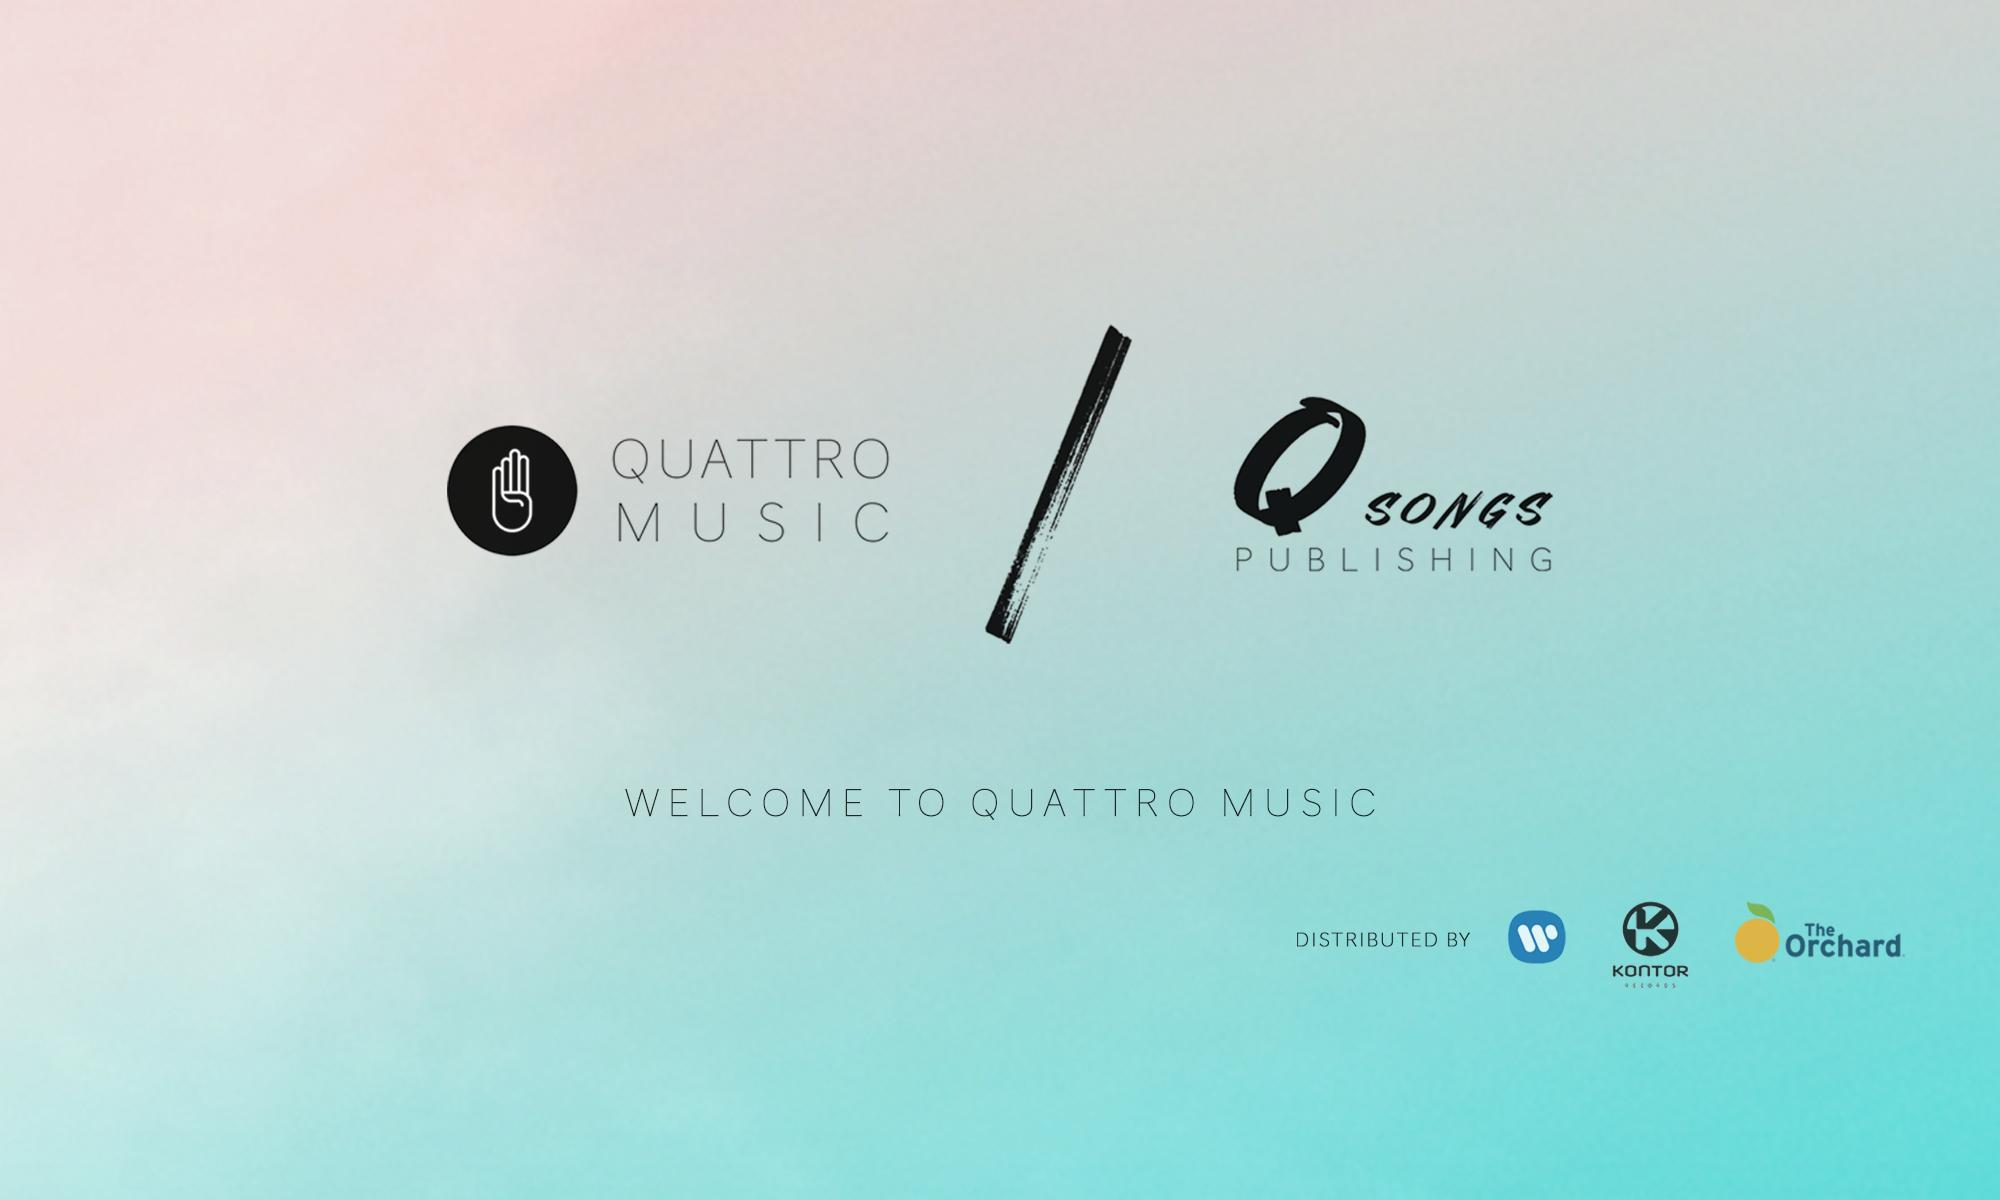 QUATTRO MUSiC & Q SONGS PUBLISHING